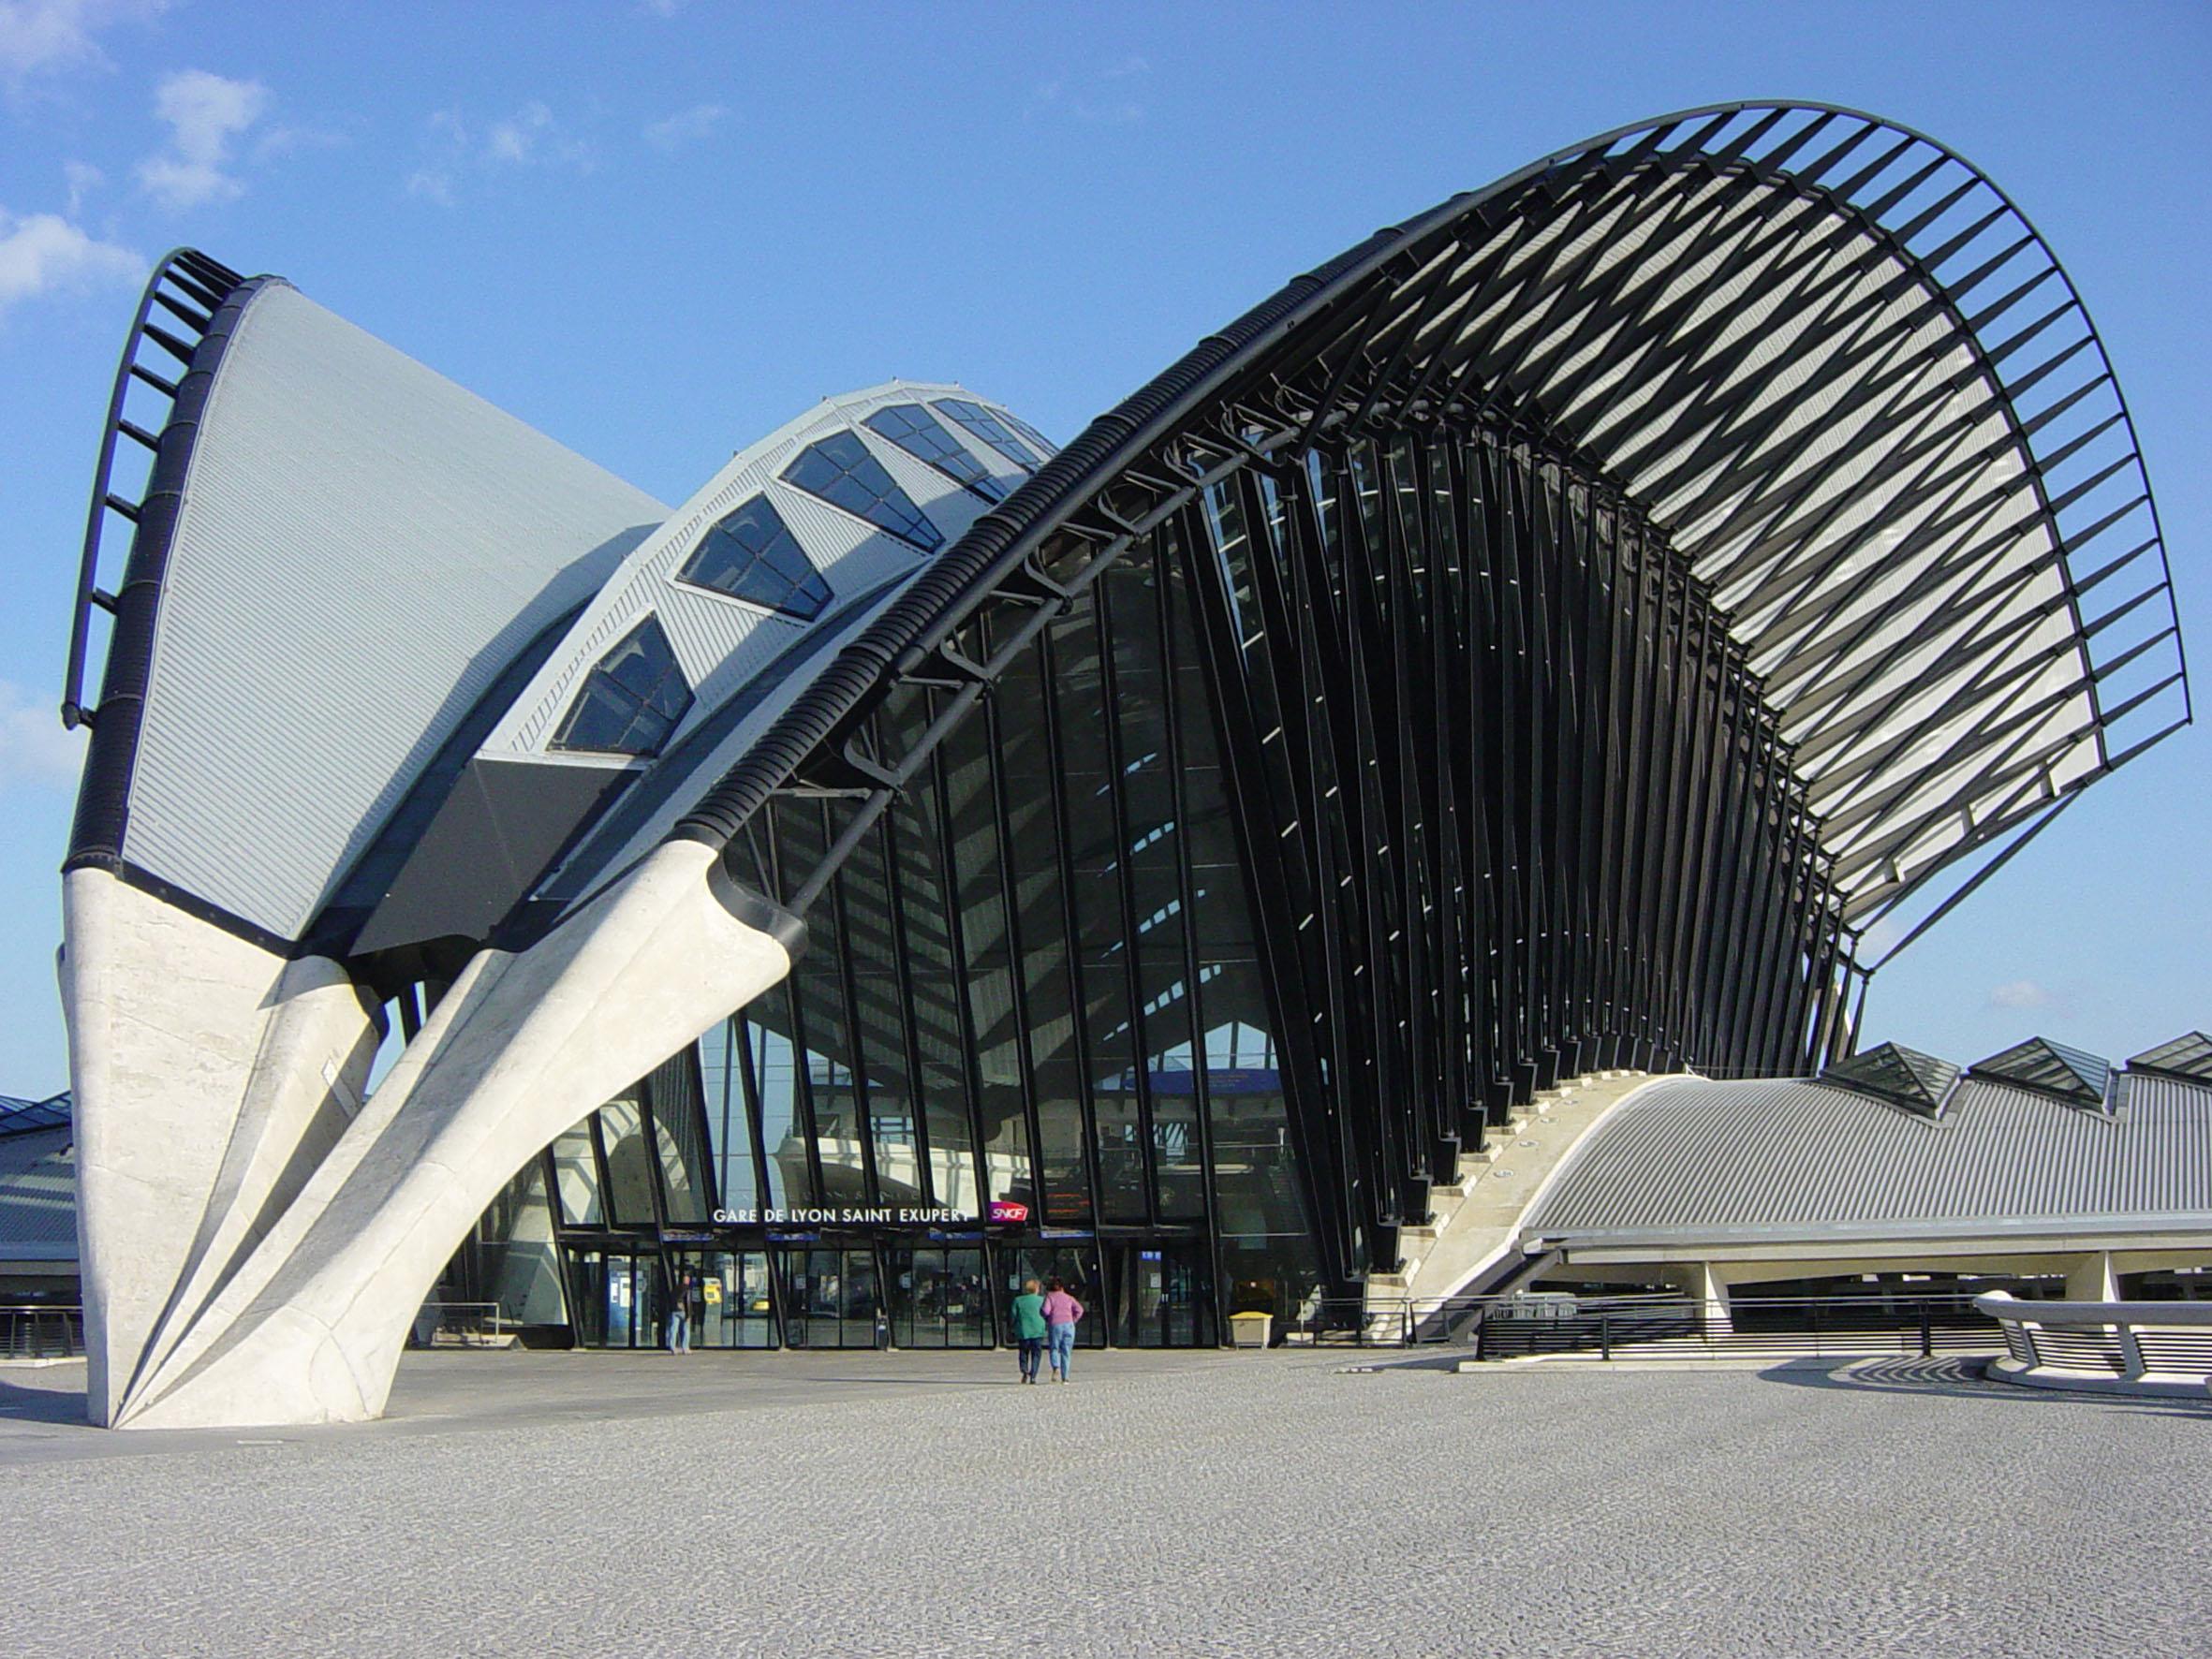 lyon_st_exupery_gare_tgv_2_credit-région-urbaine-de-Lyon.jpg